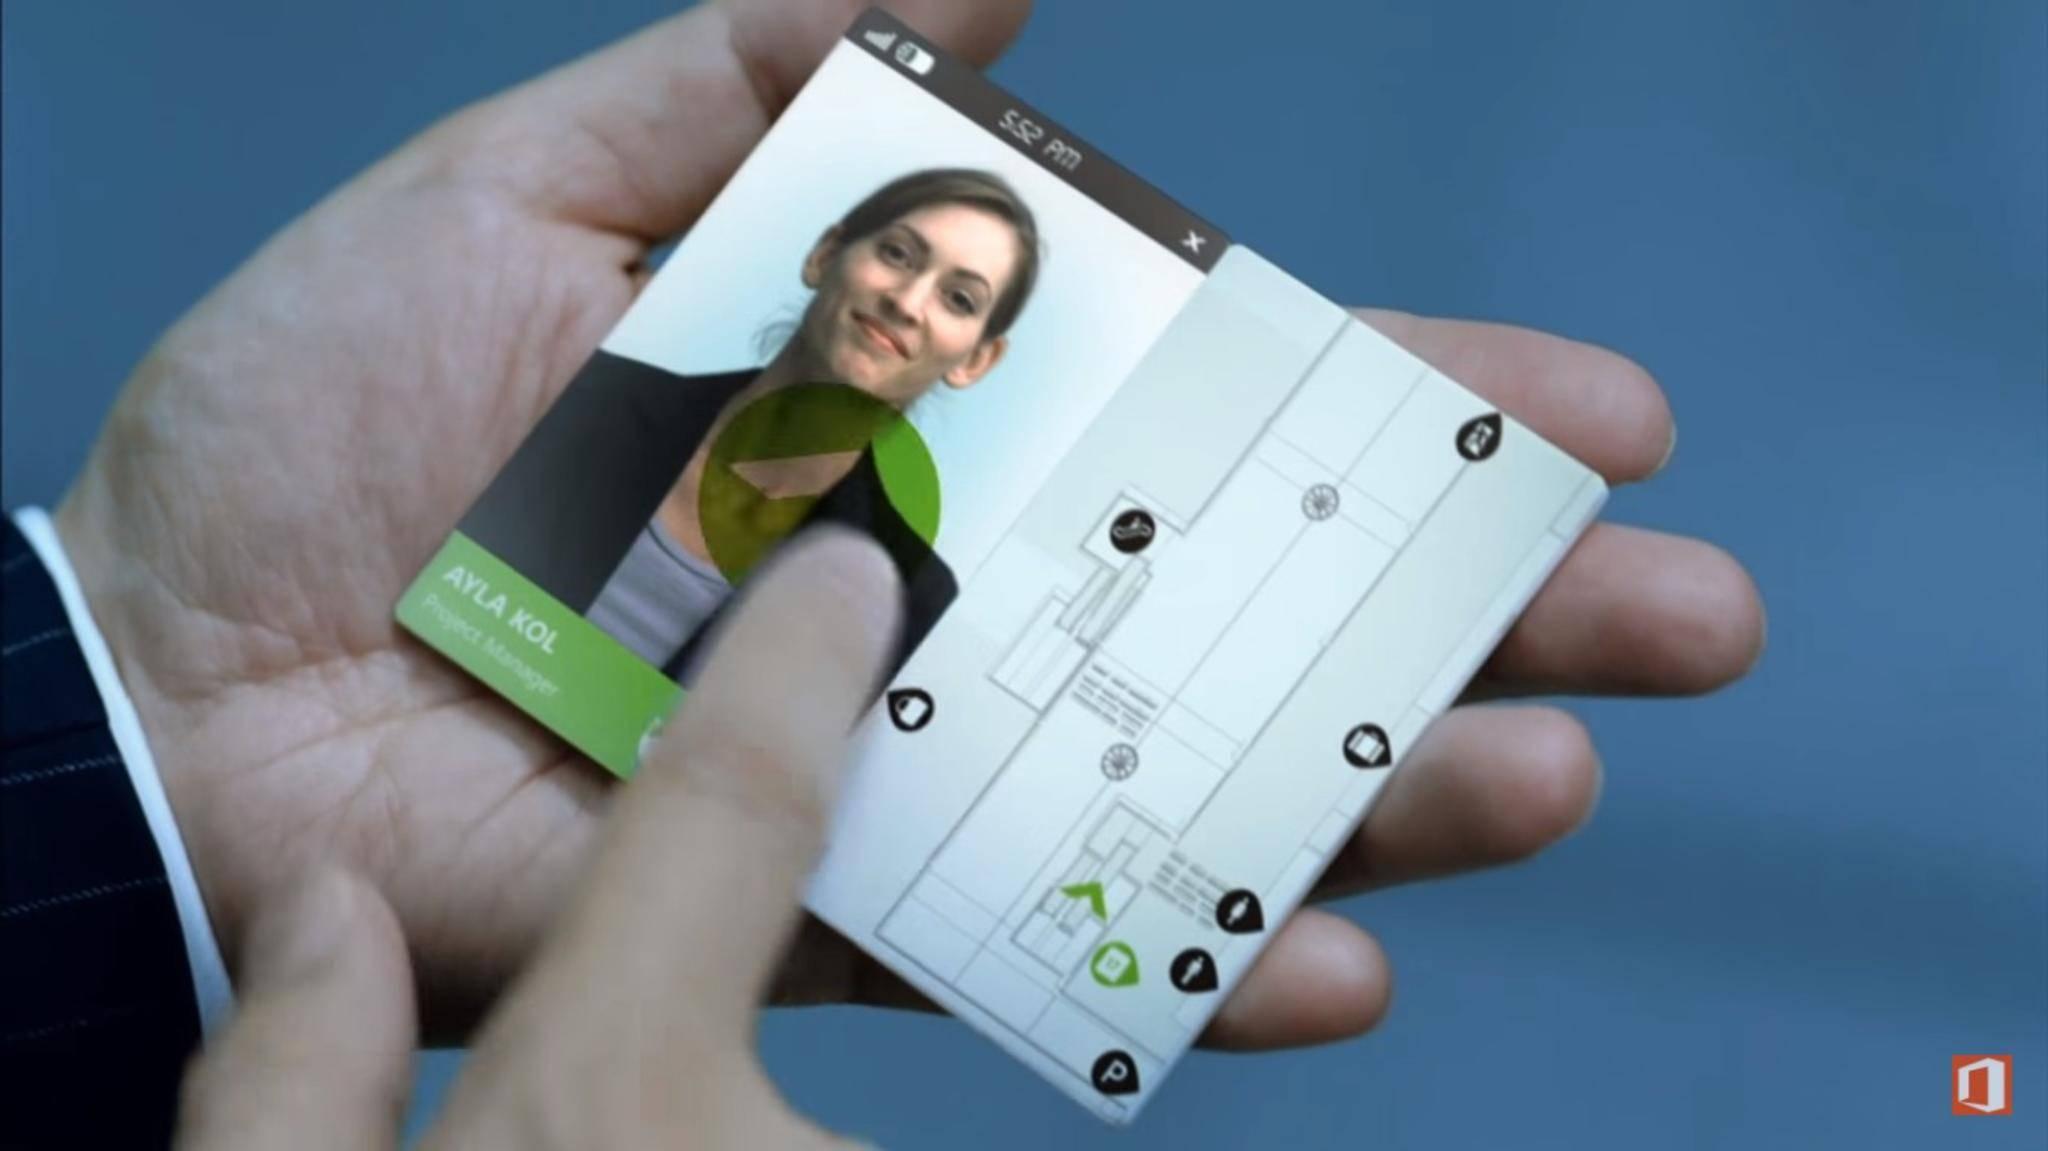 Wird das faltbare ZTE-Smartphone so ähnlich funktionieren wie dieses Surface-Phone-Konzept?